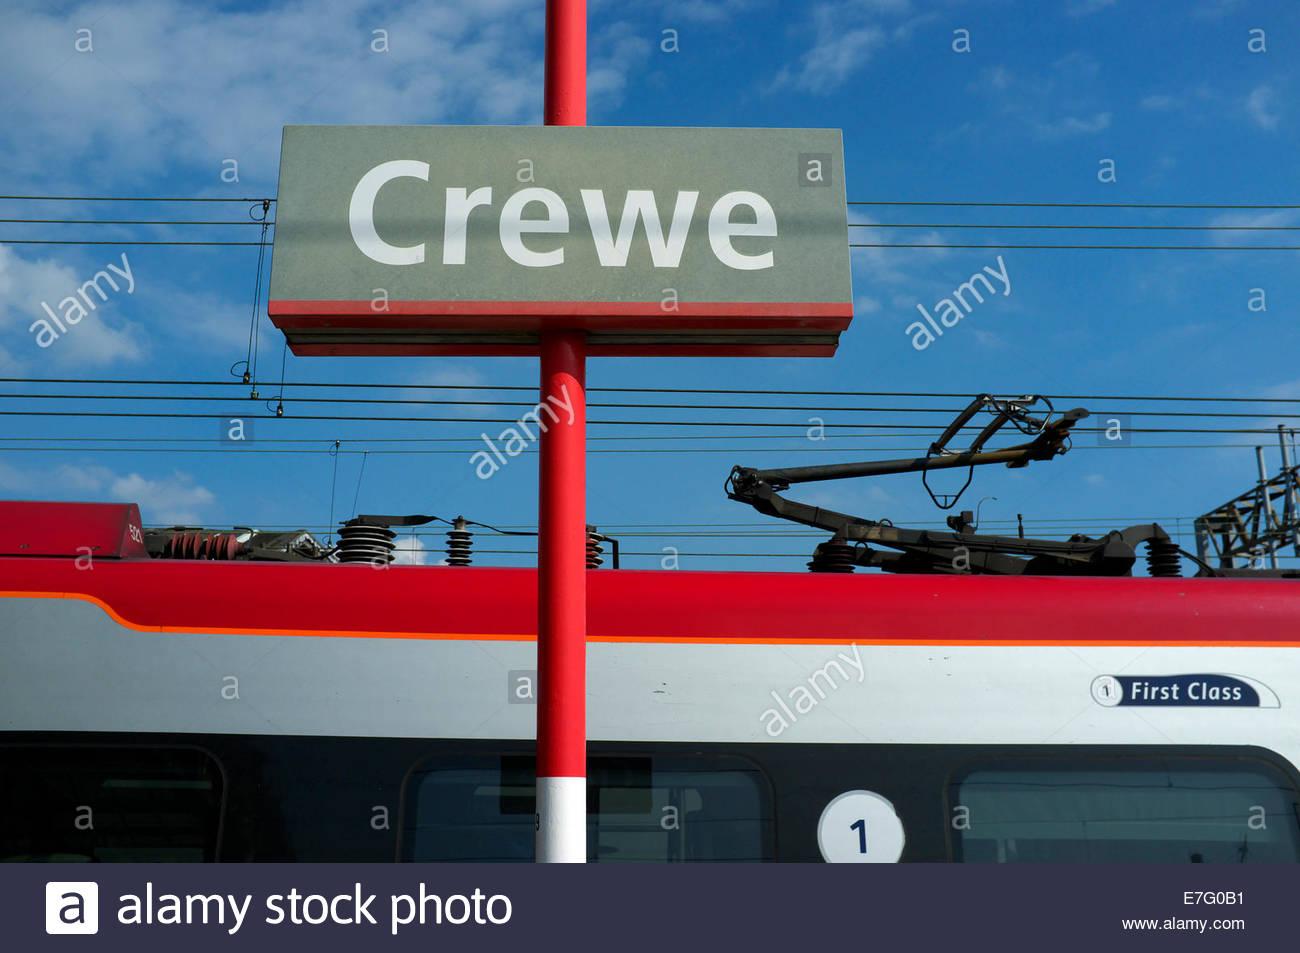 Virgin passenger train at Crewe railway station, in Cheshire, UK. - Stock Image